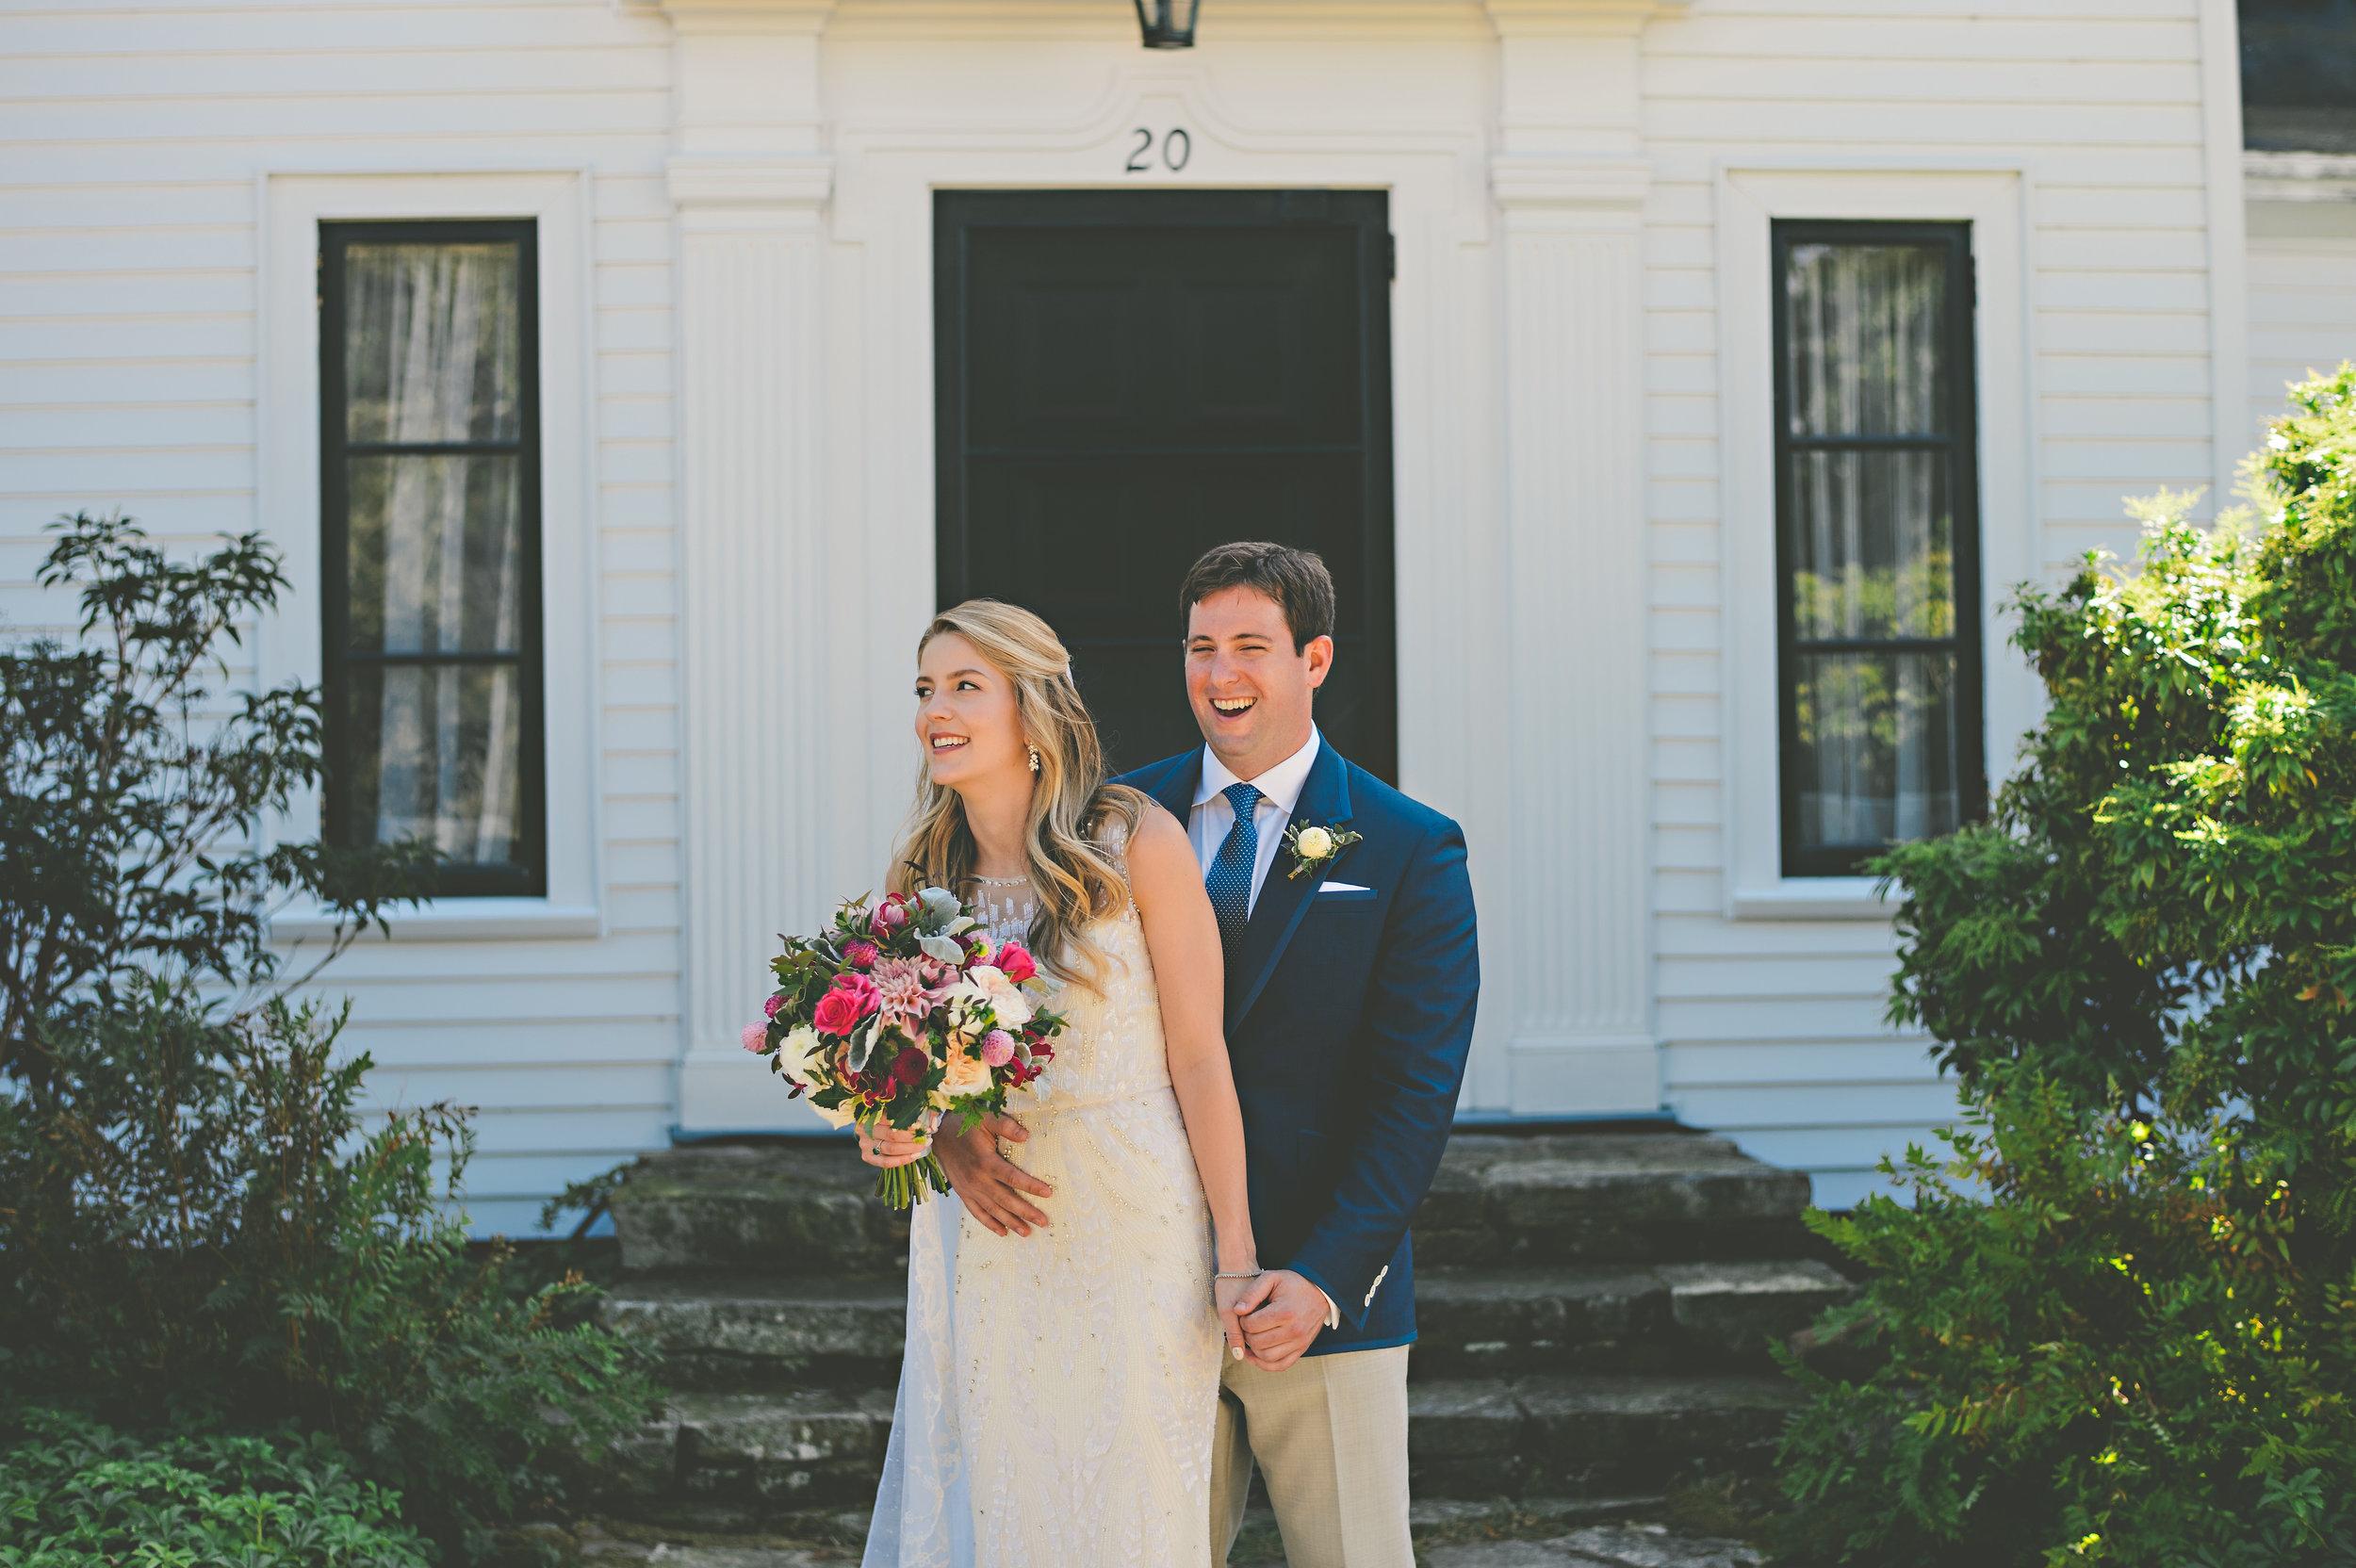 bruker_wedding_0440.jpg